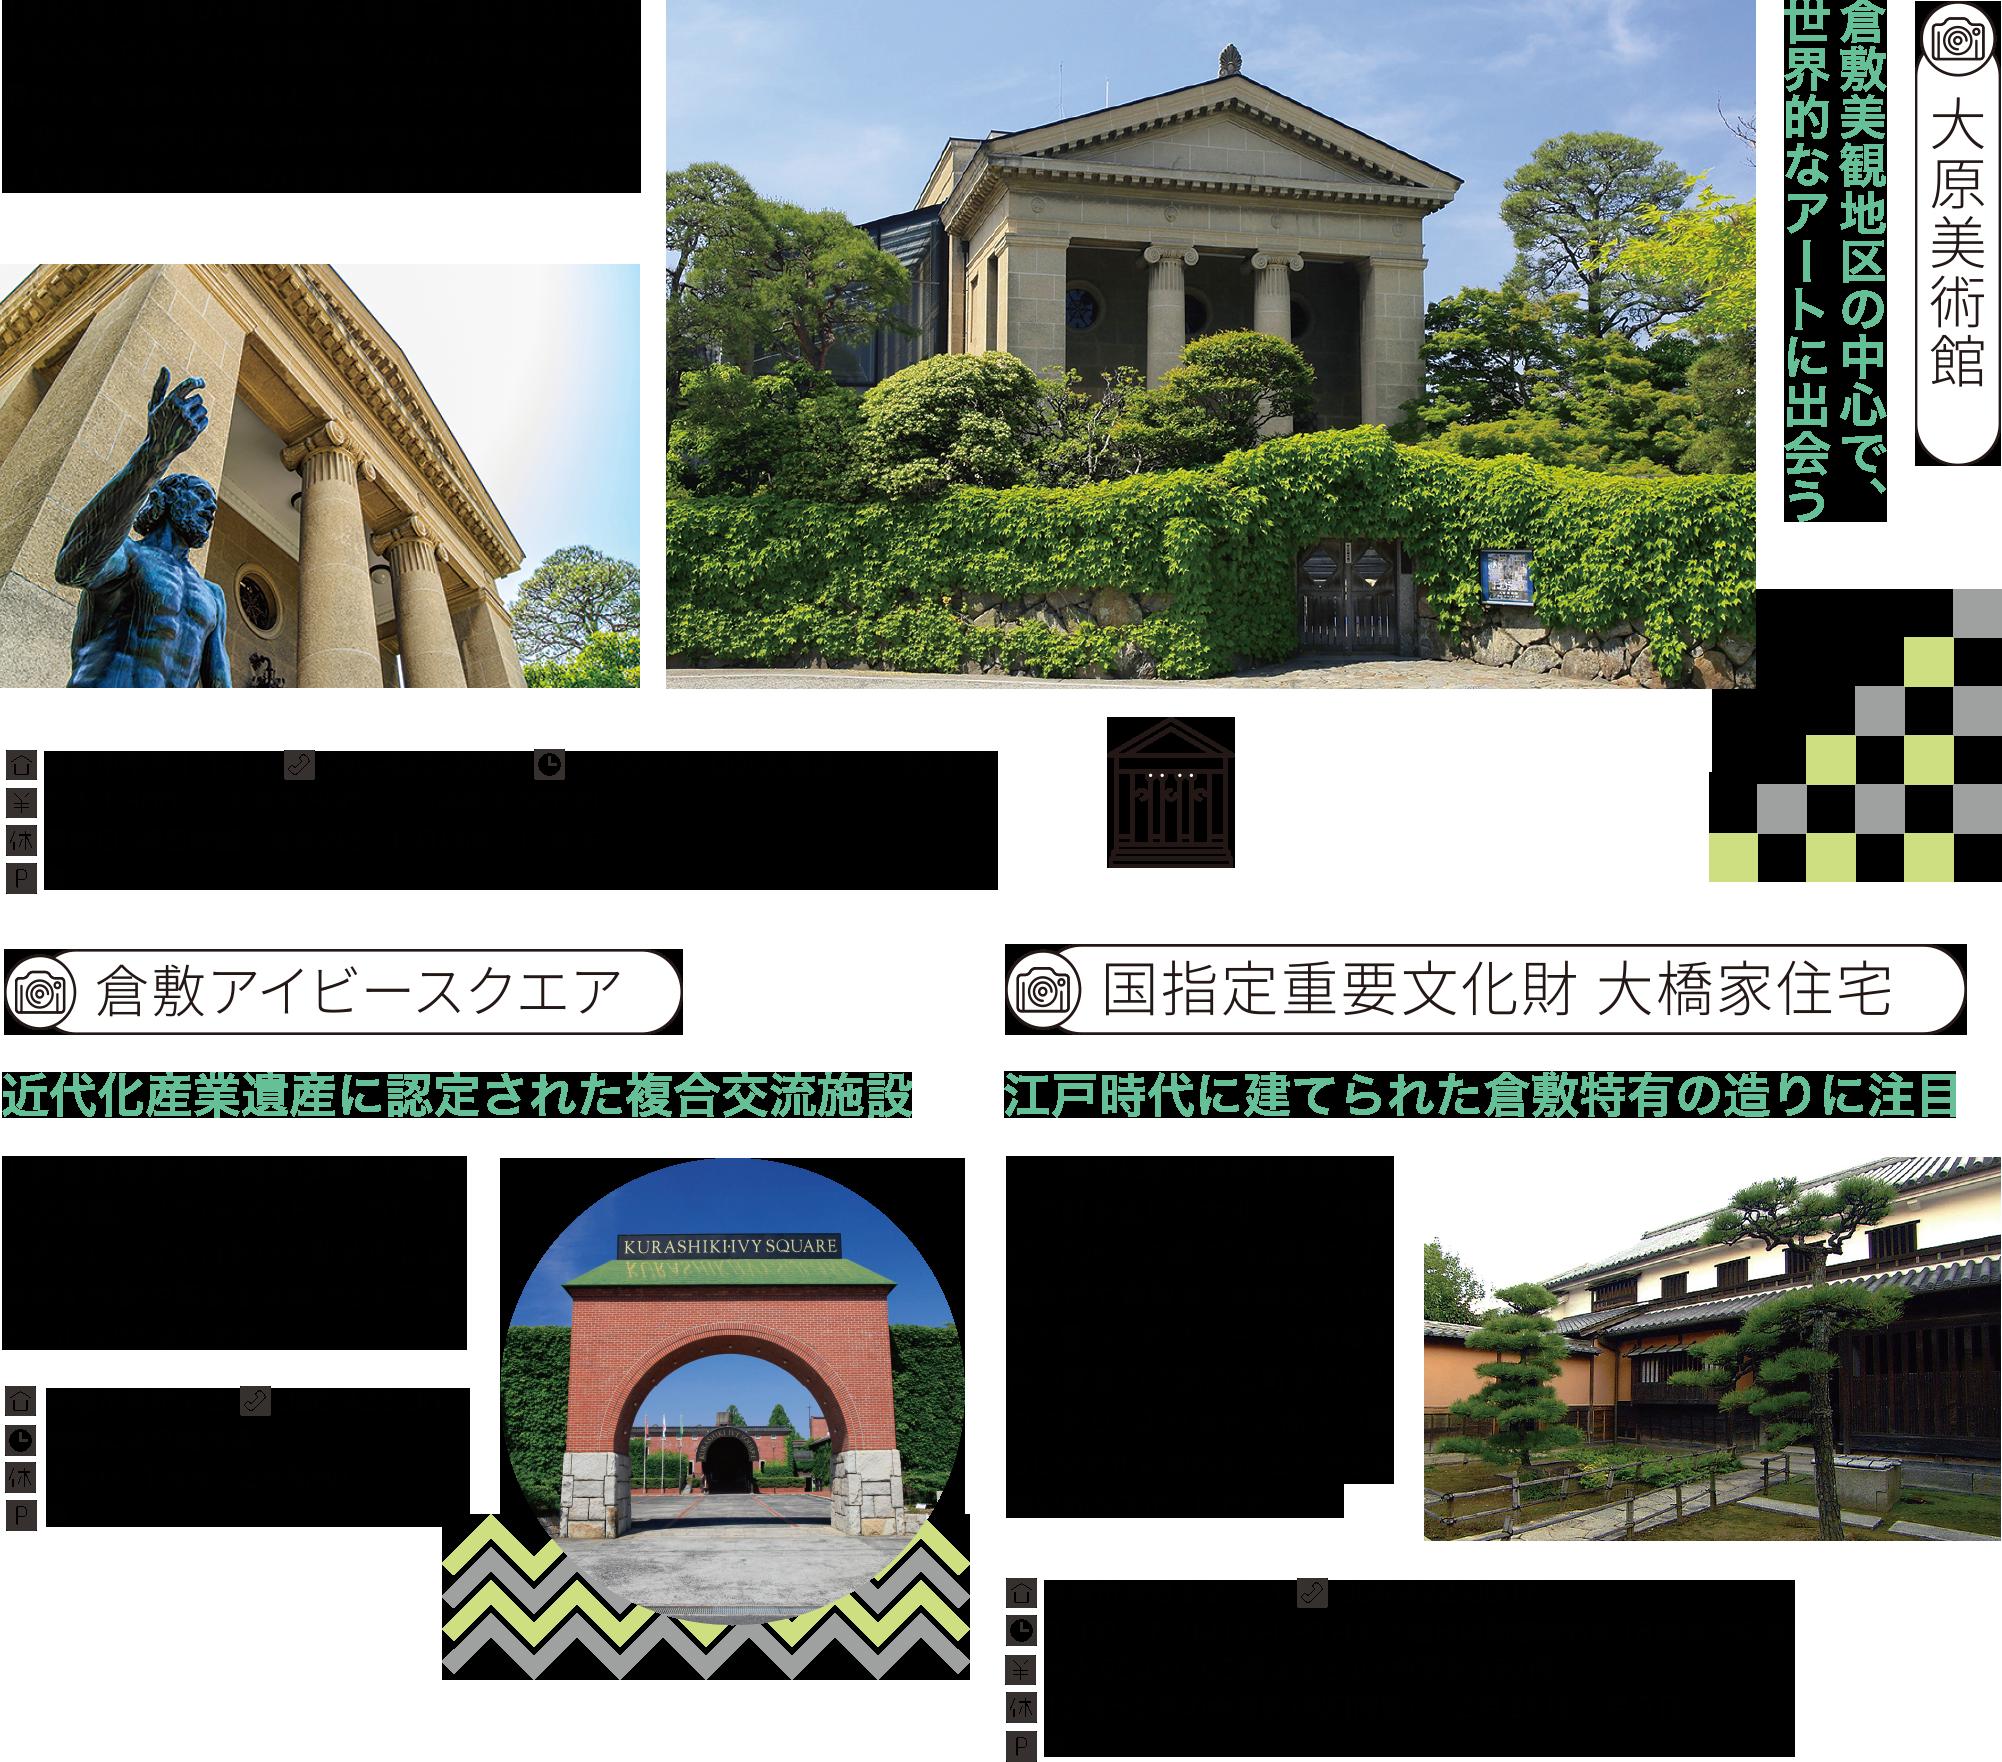 大原美術館 有隣荘 国指定重要文化財 大橋家住宅